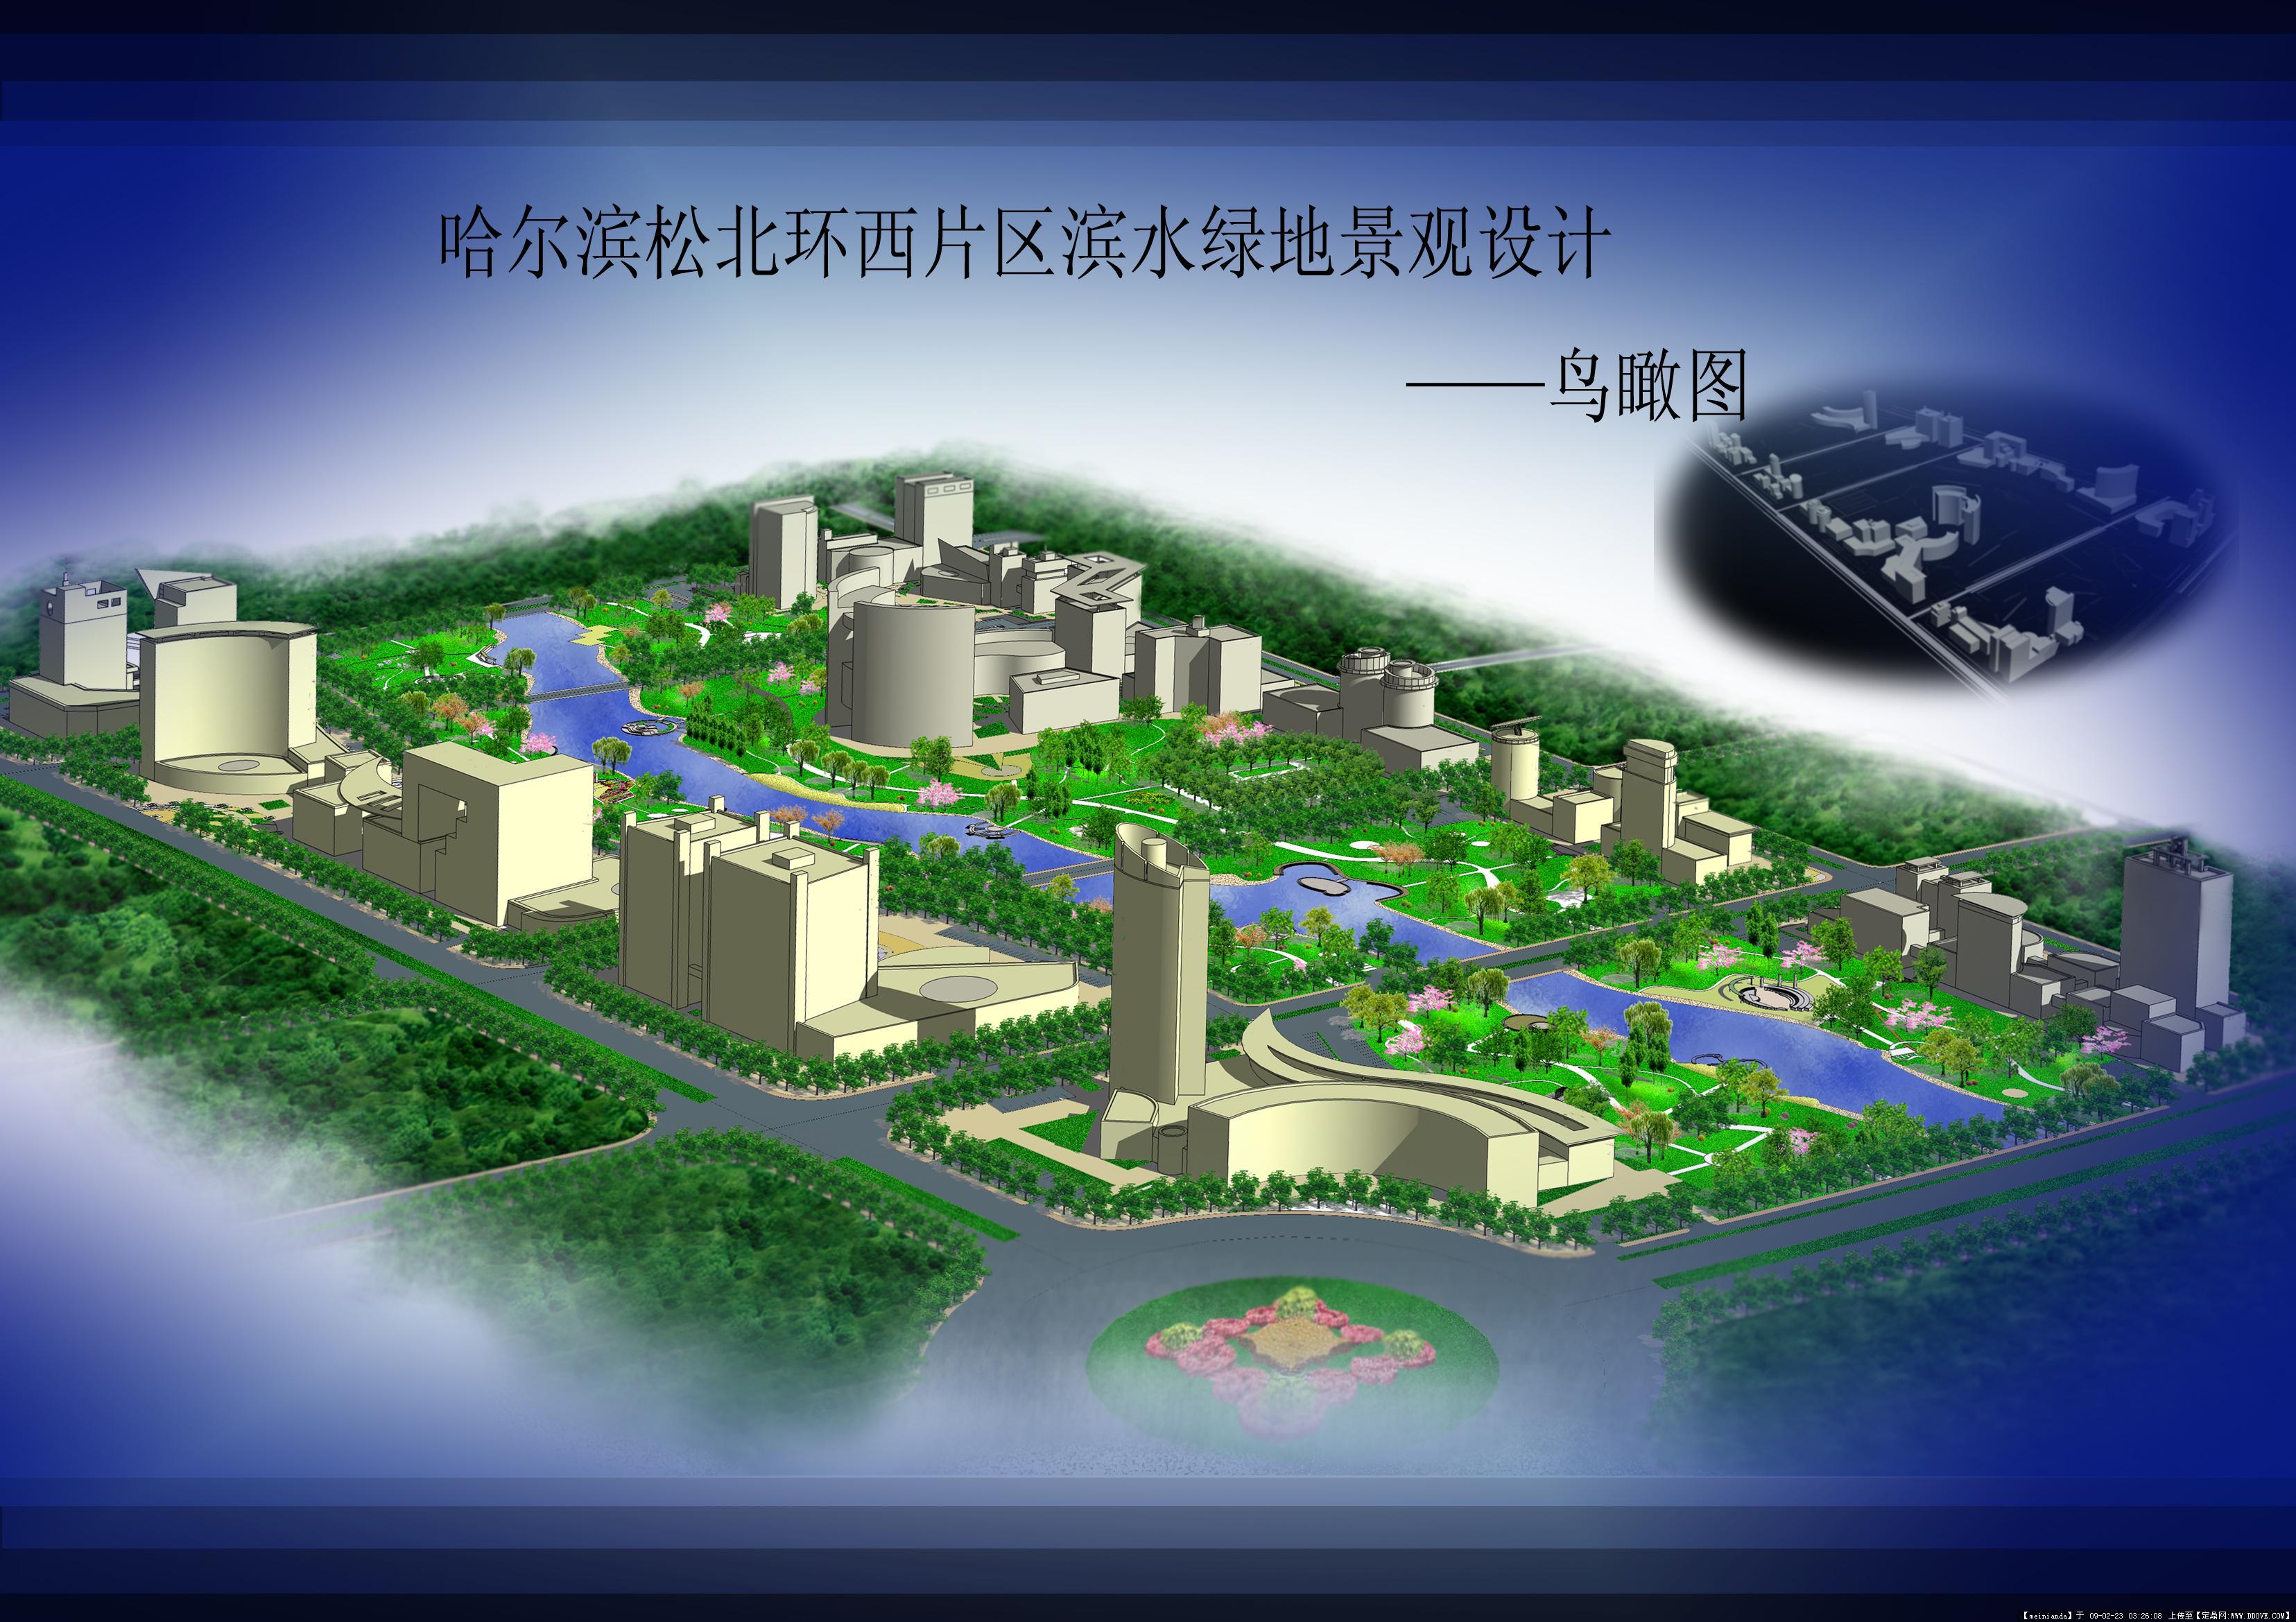 哈尔滨松北环西片区滨水绿地景观设计鸟瞰图